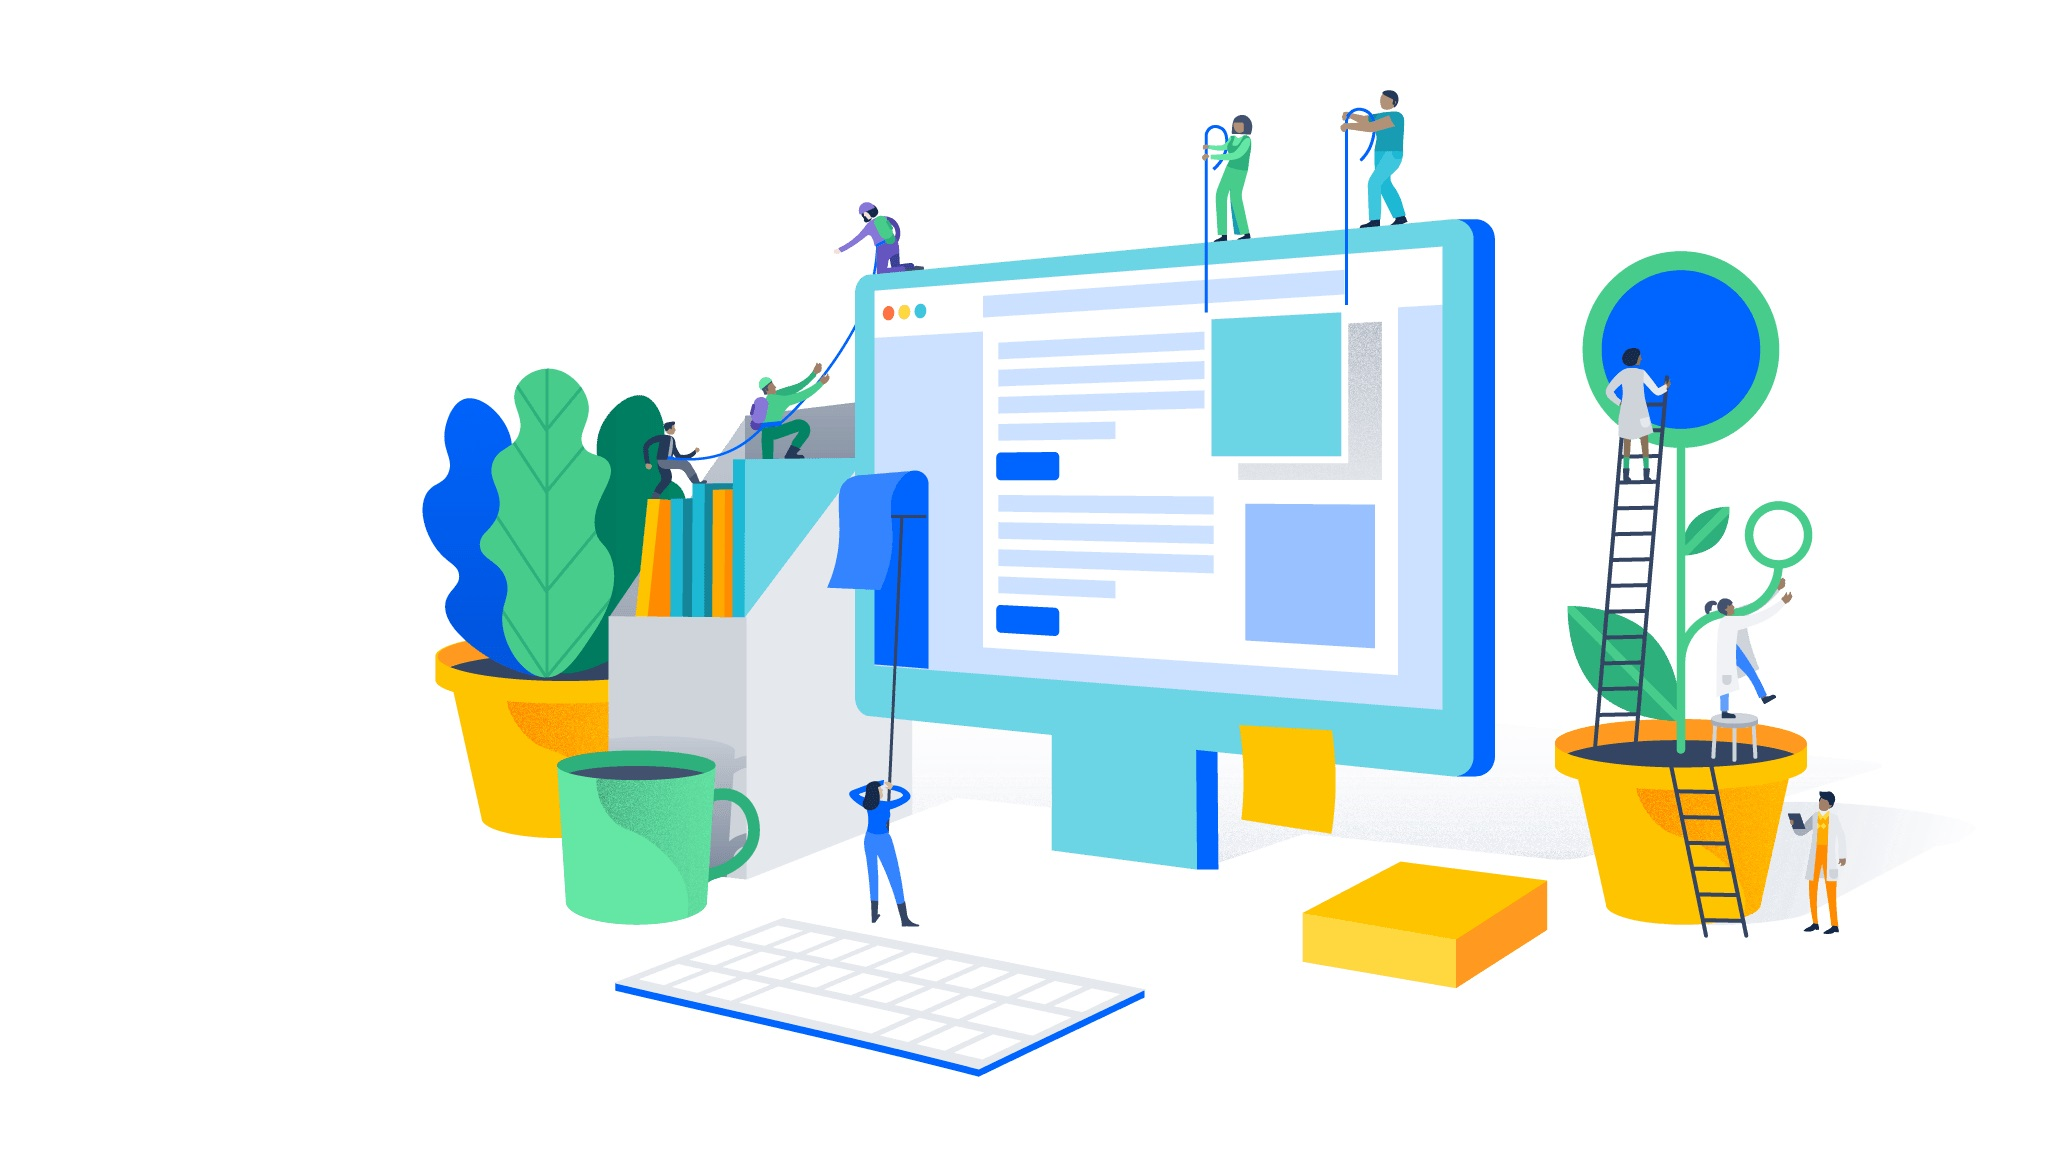 ТОП-13 крутых идей веб-проектов для прокачки навыков